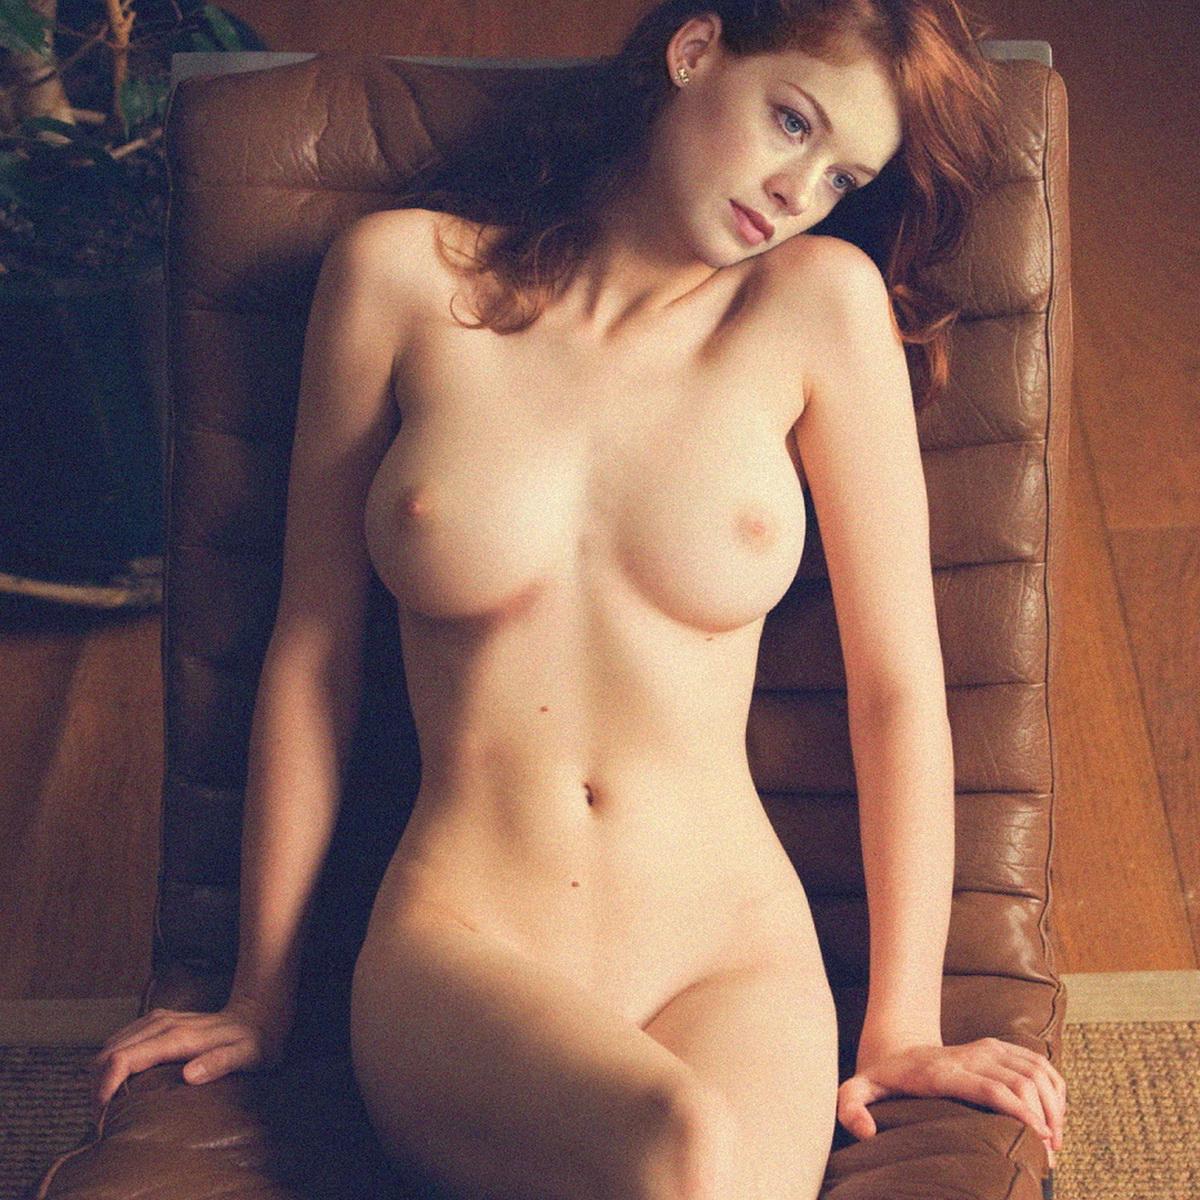 Congratulate, Celebrities nude photo shoot congratulate, you